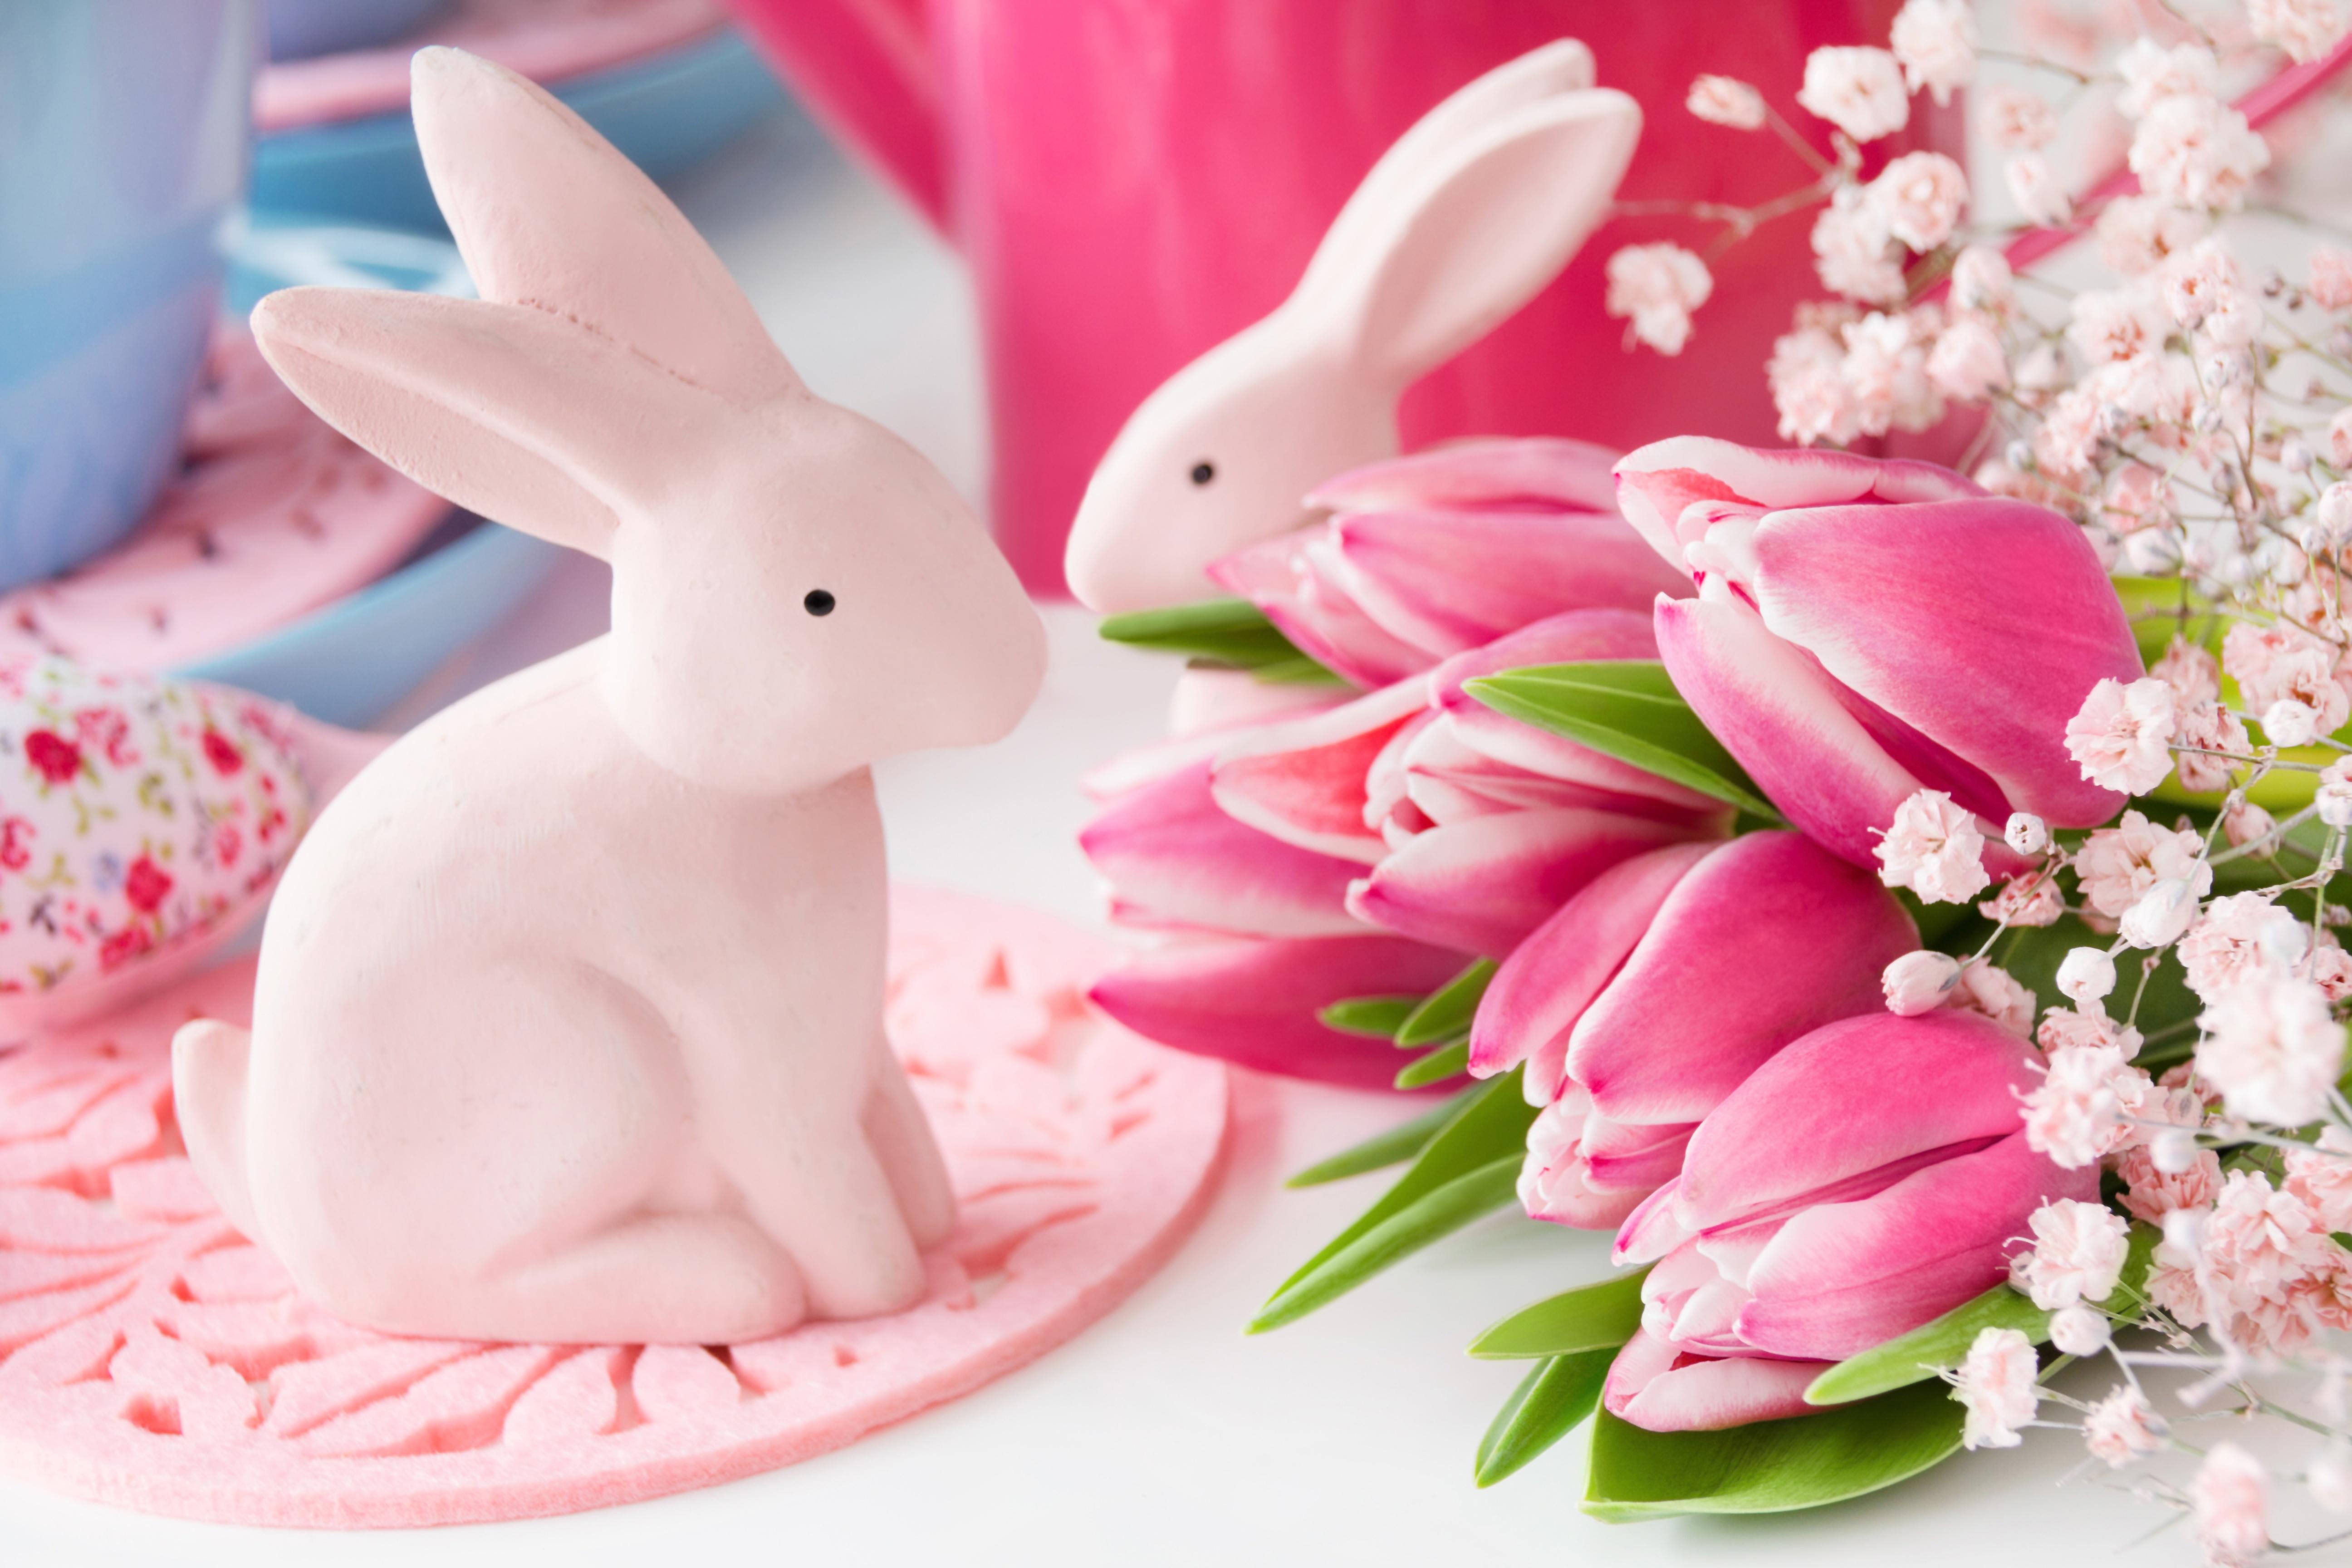 кролик с тюльпанами  № 1144599 бесплатно